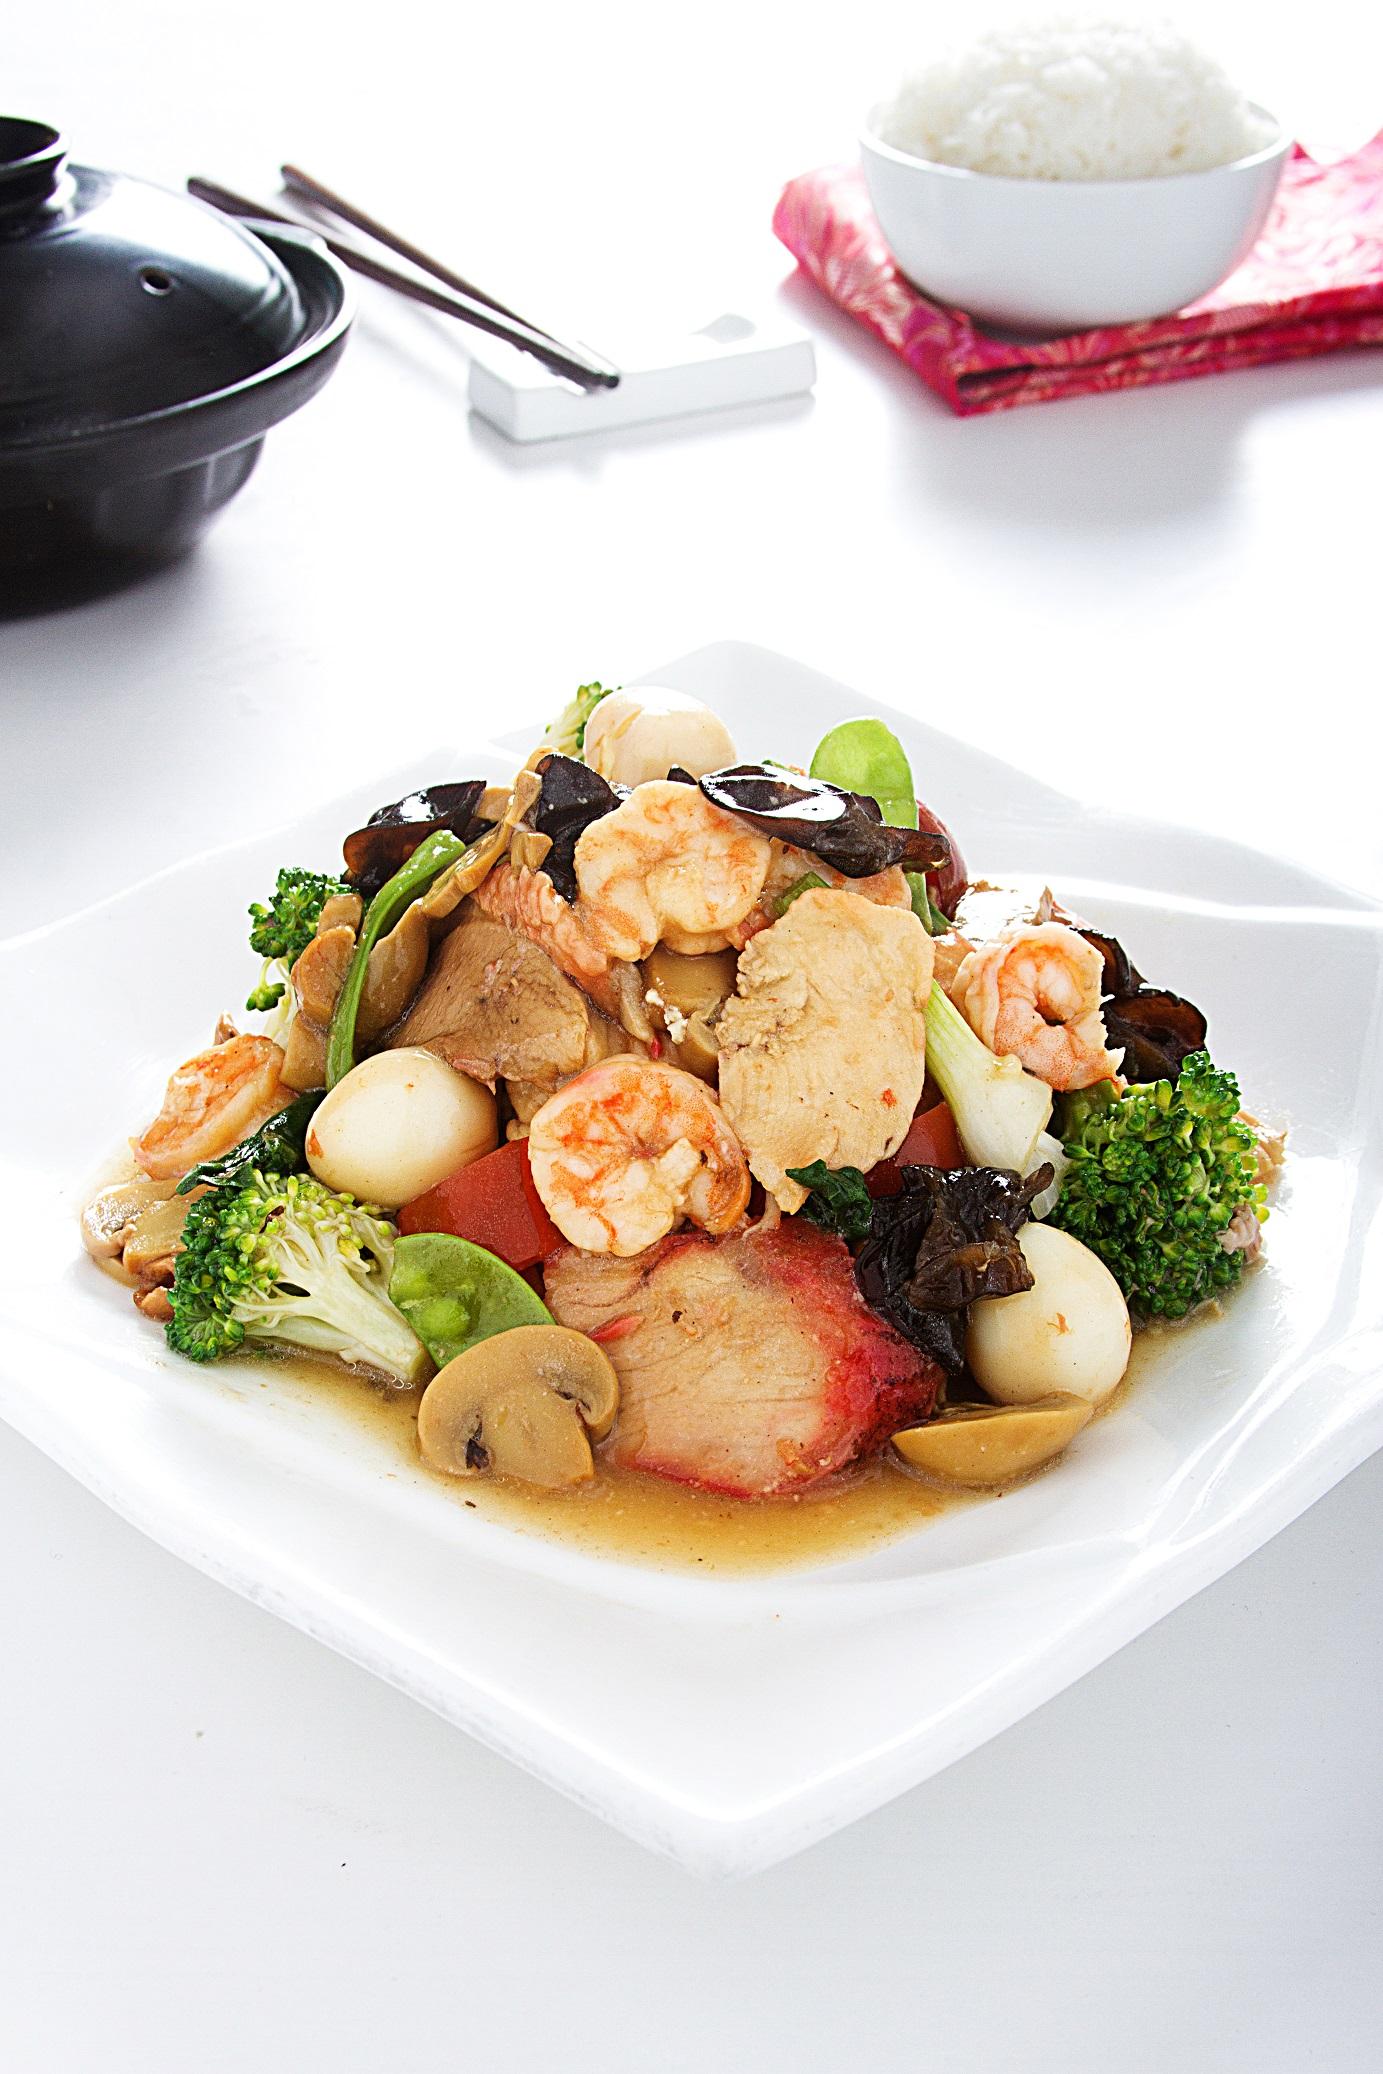 Combinación de sabores. Pollo, chancho, pato , langotinos salteados con verduras y huevo de codorniz.